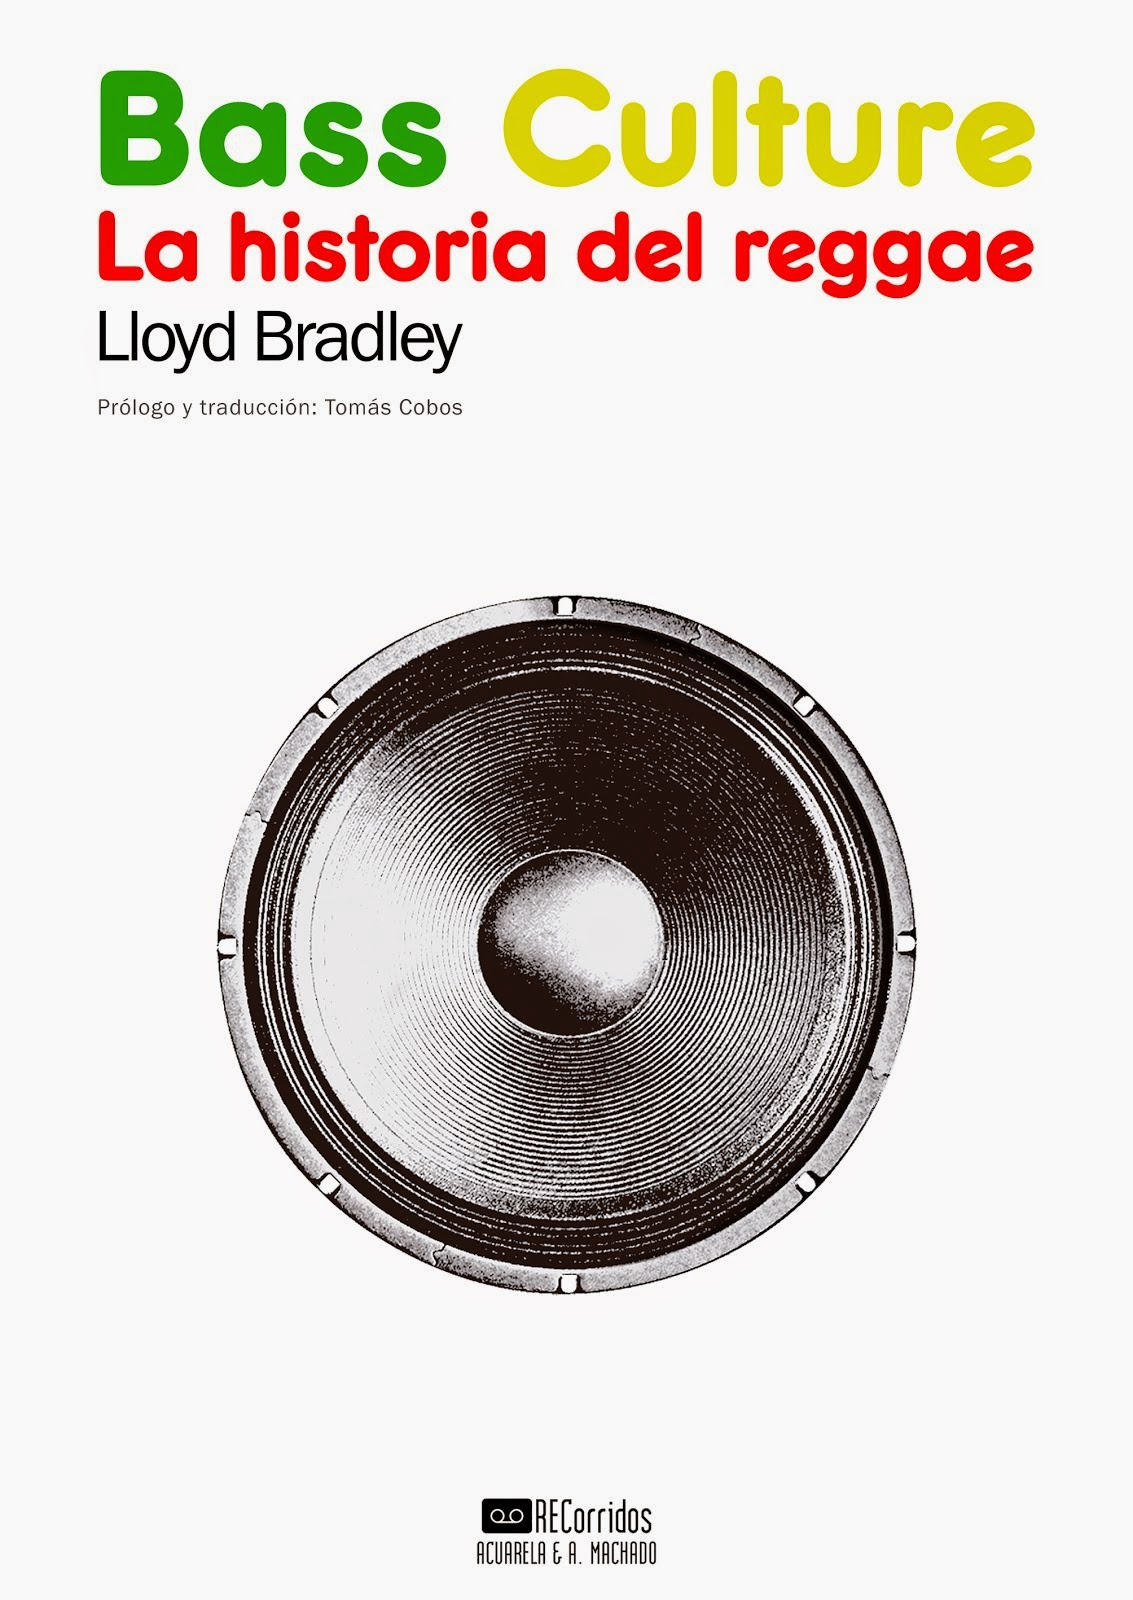 <i>Bass Culture: la historia del reggae</i>, de Lloyd Bradley